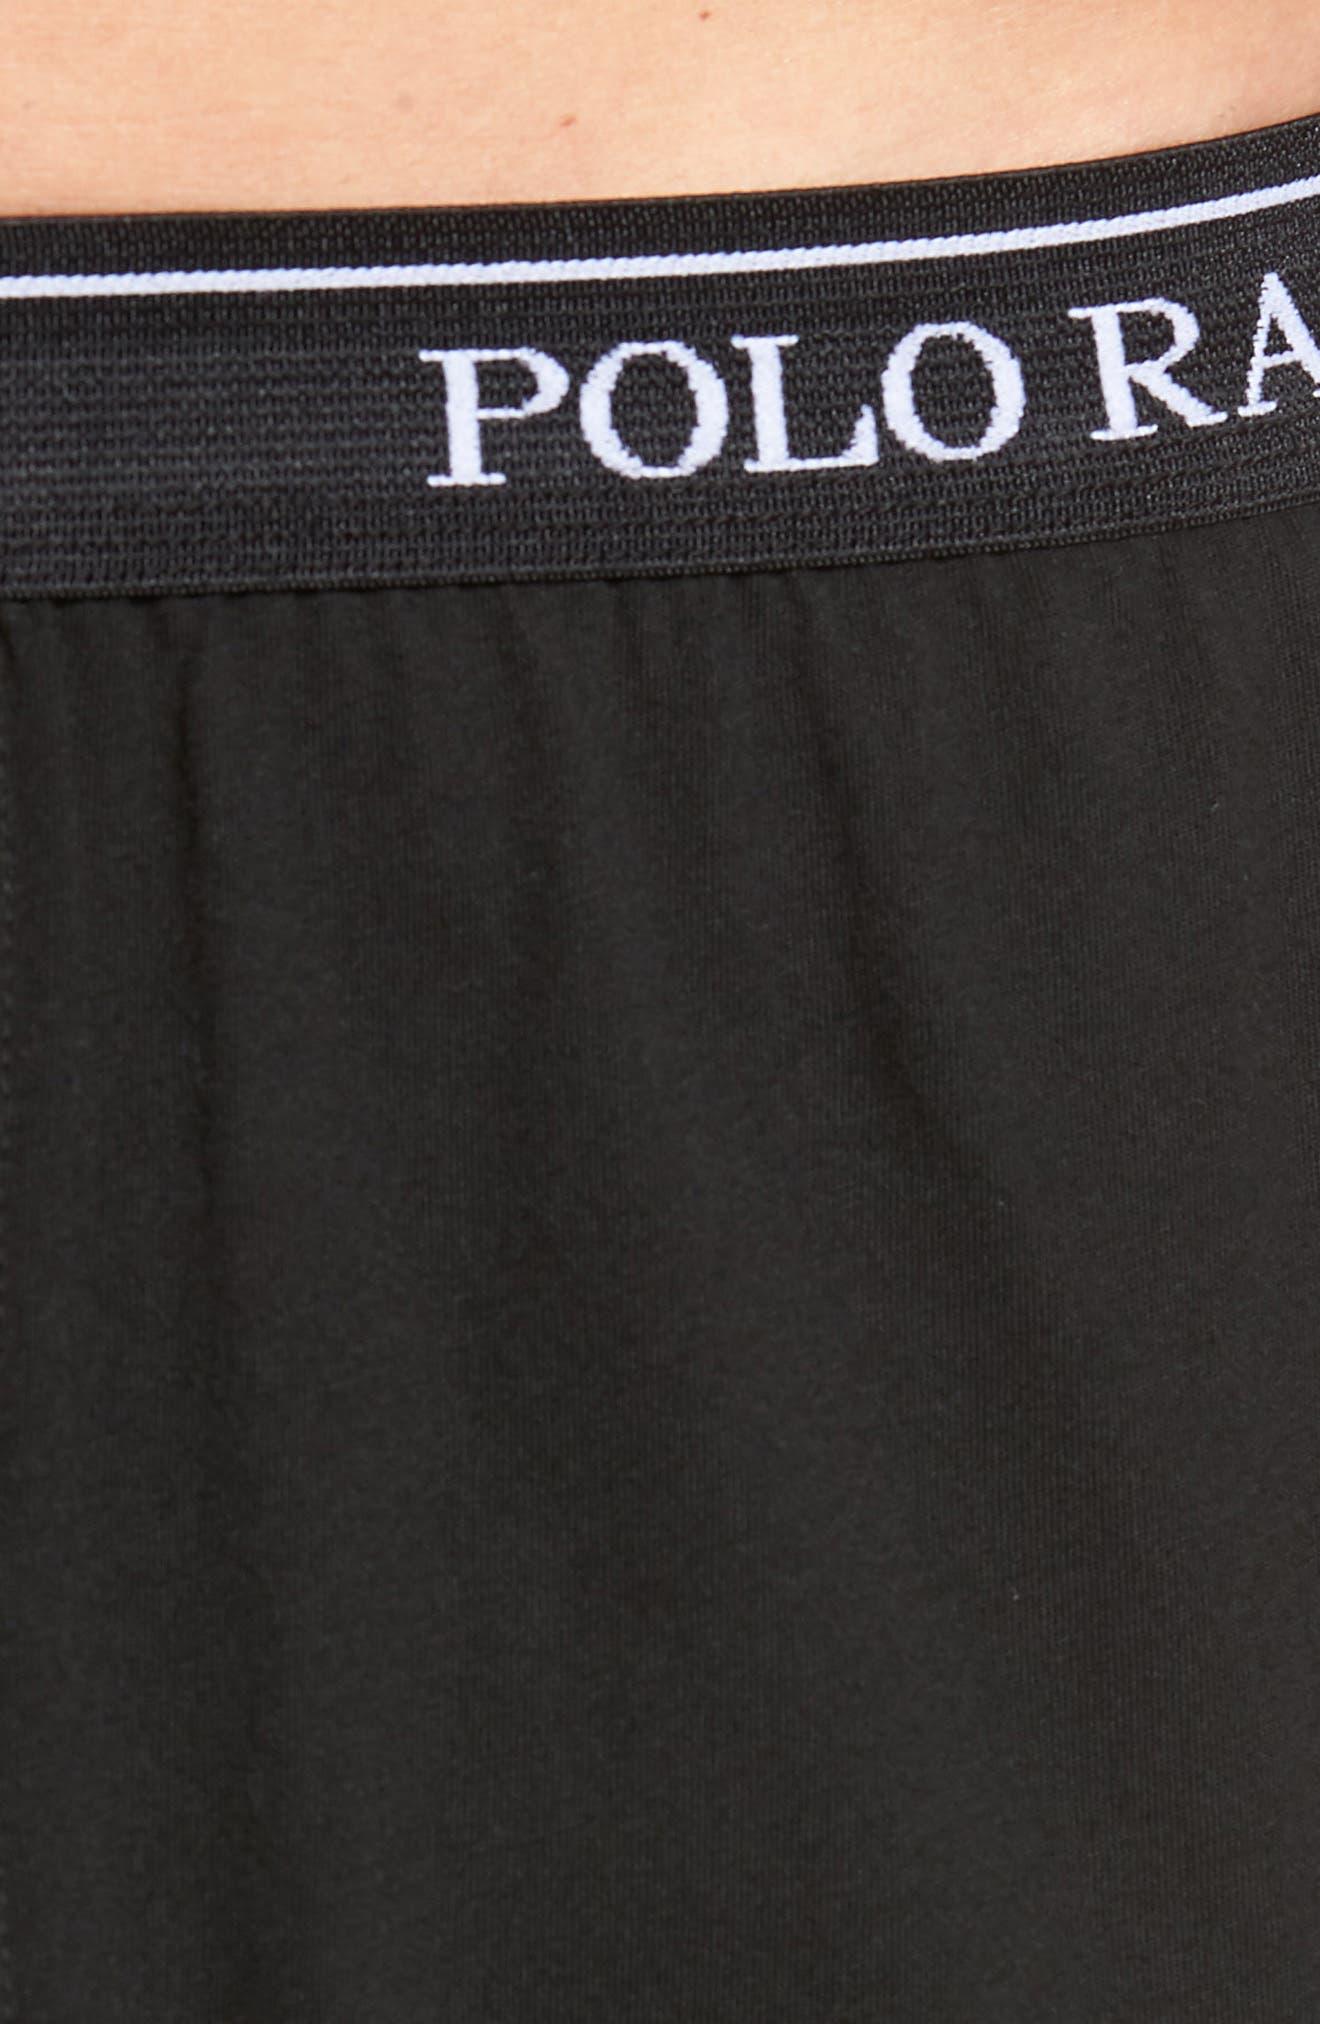 Polo Ralph Lauren 3-Pack Cotton Boxers,                             Alternate thumbnail 6, color,                             POLO BLACK